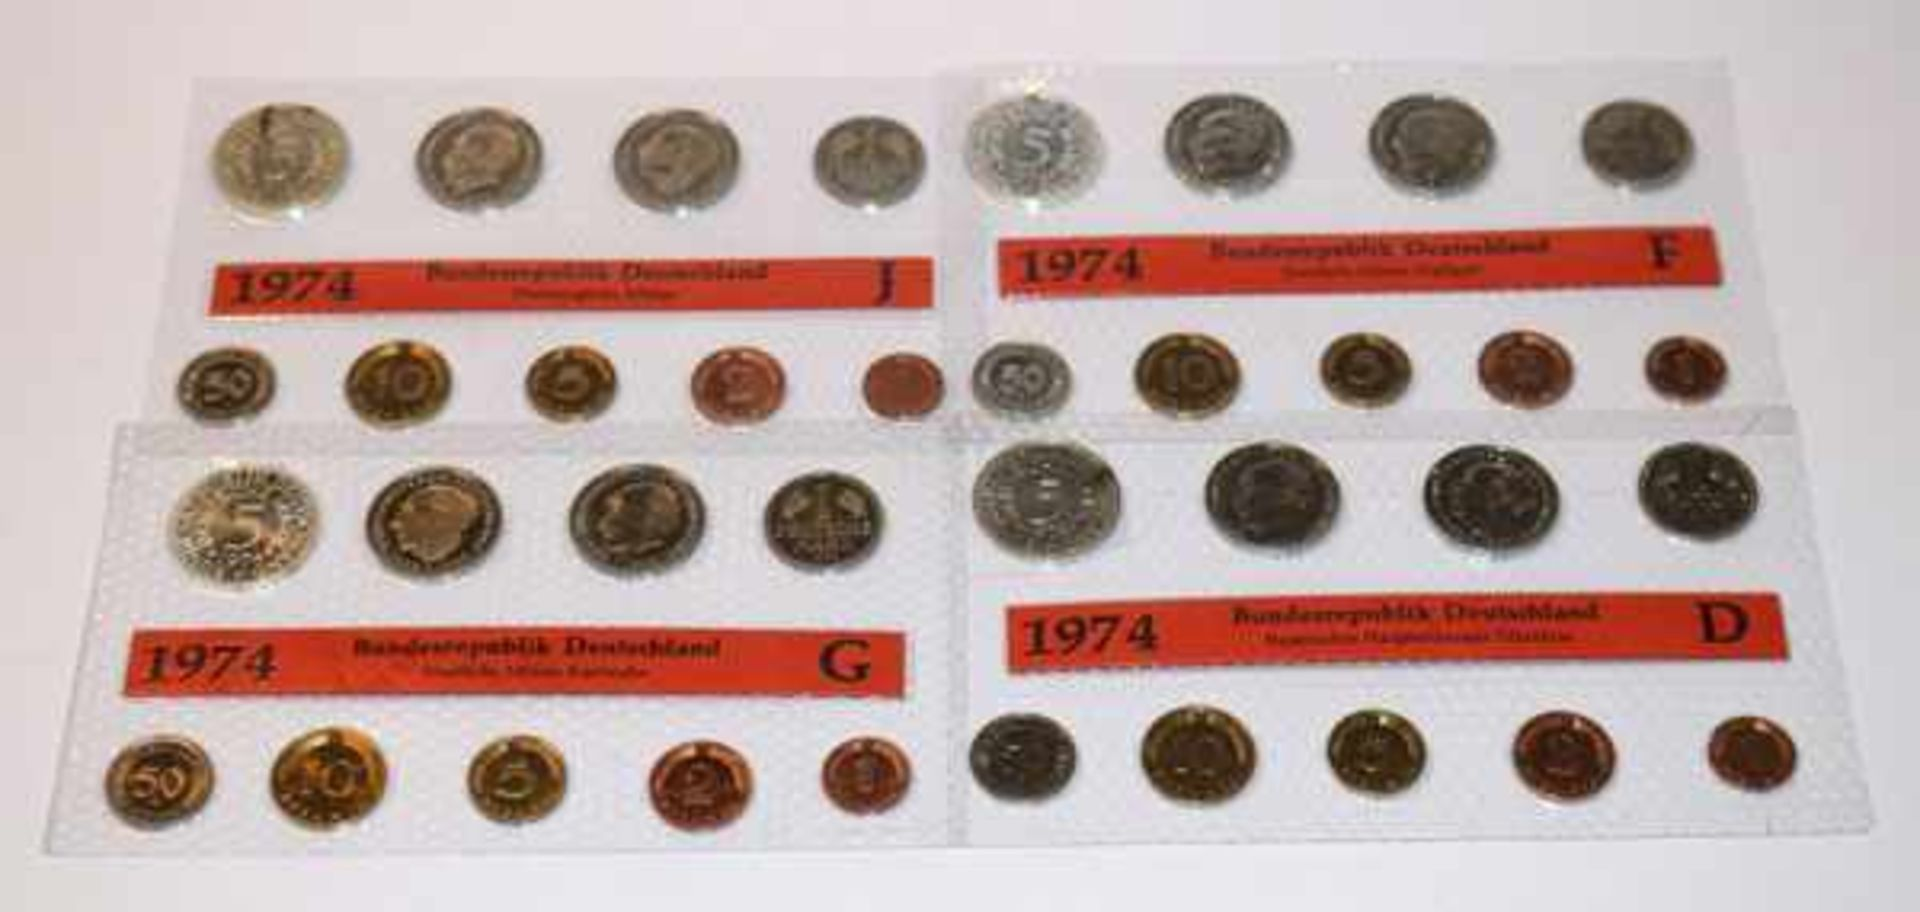 Ein Kursmünzsatz 1974 der BRD, letztes Jahr mit Silber 5 DM Münze